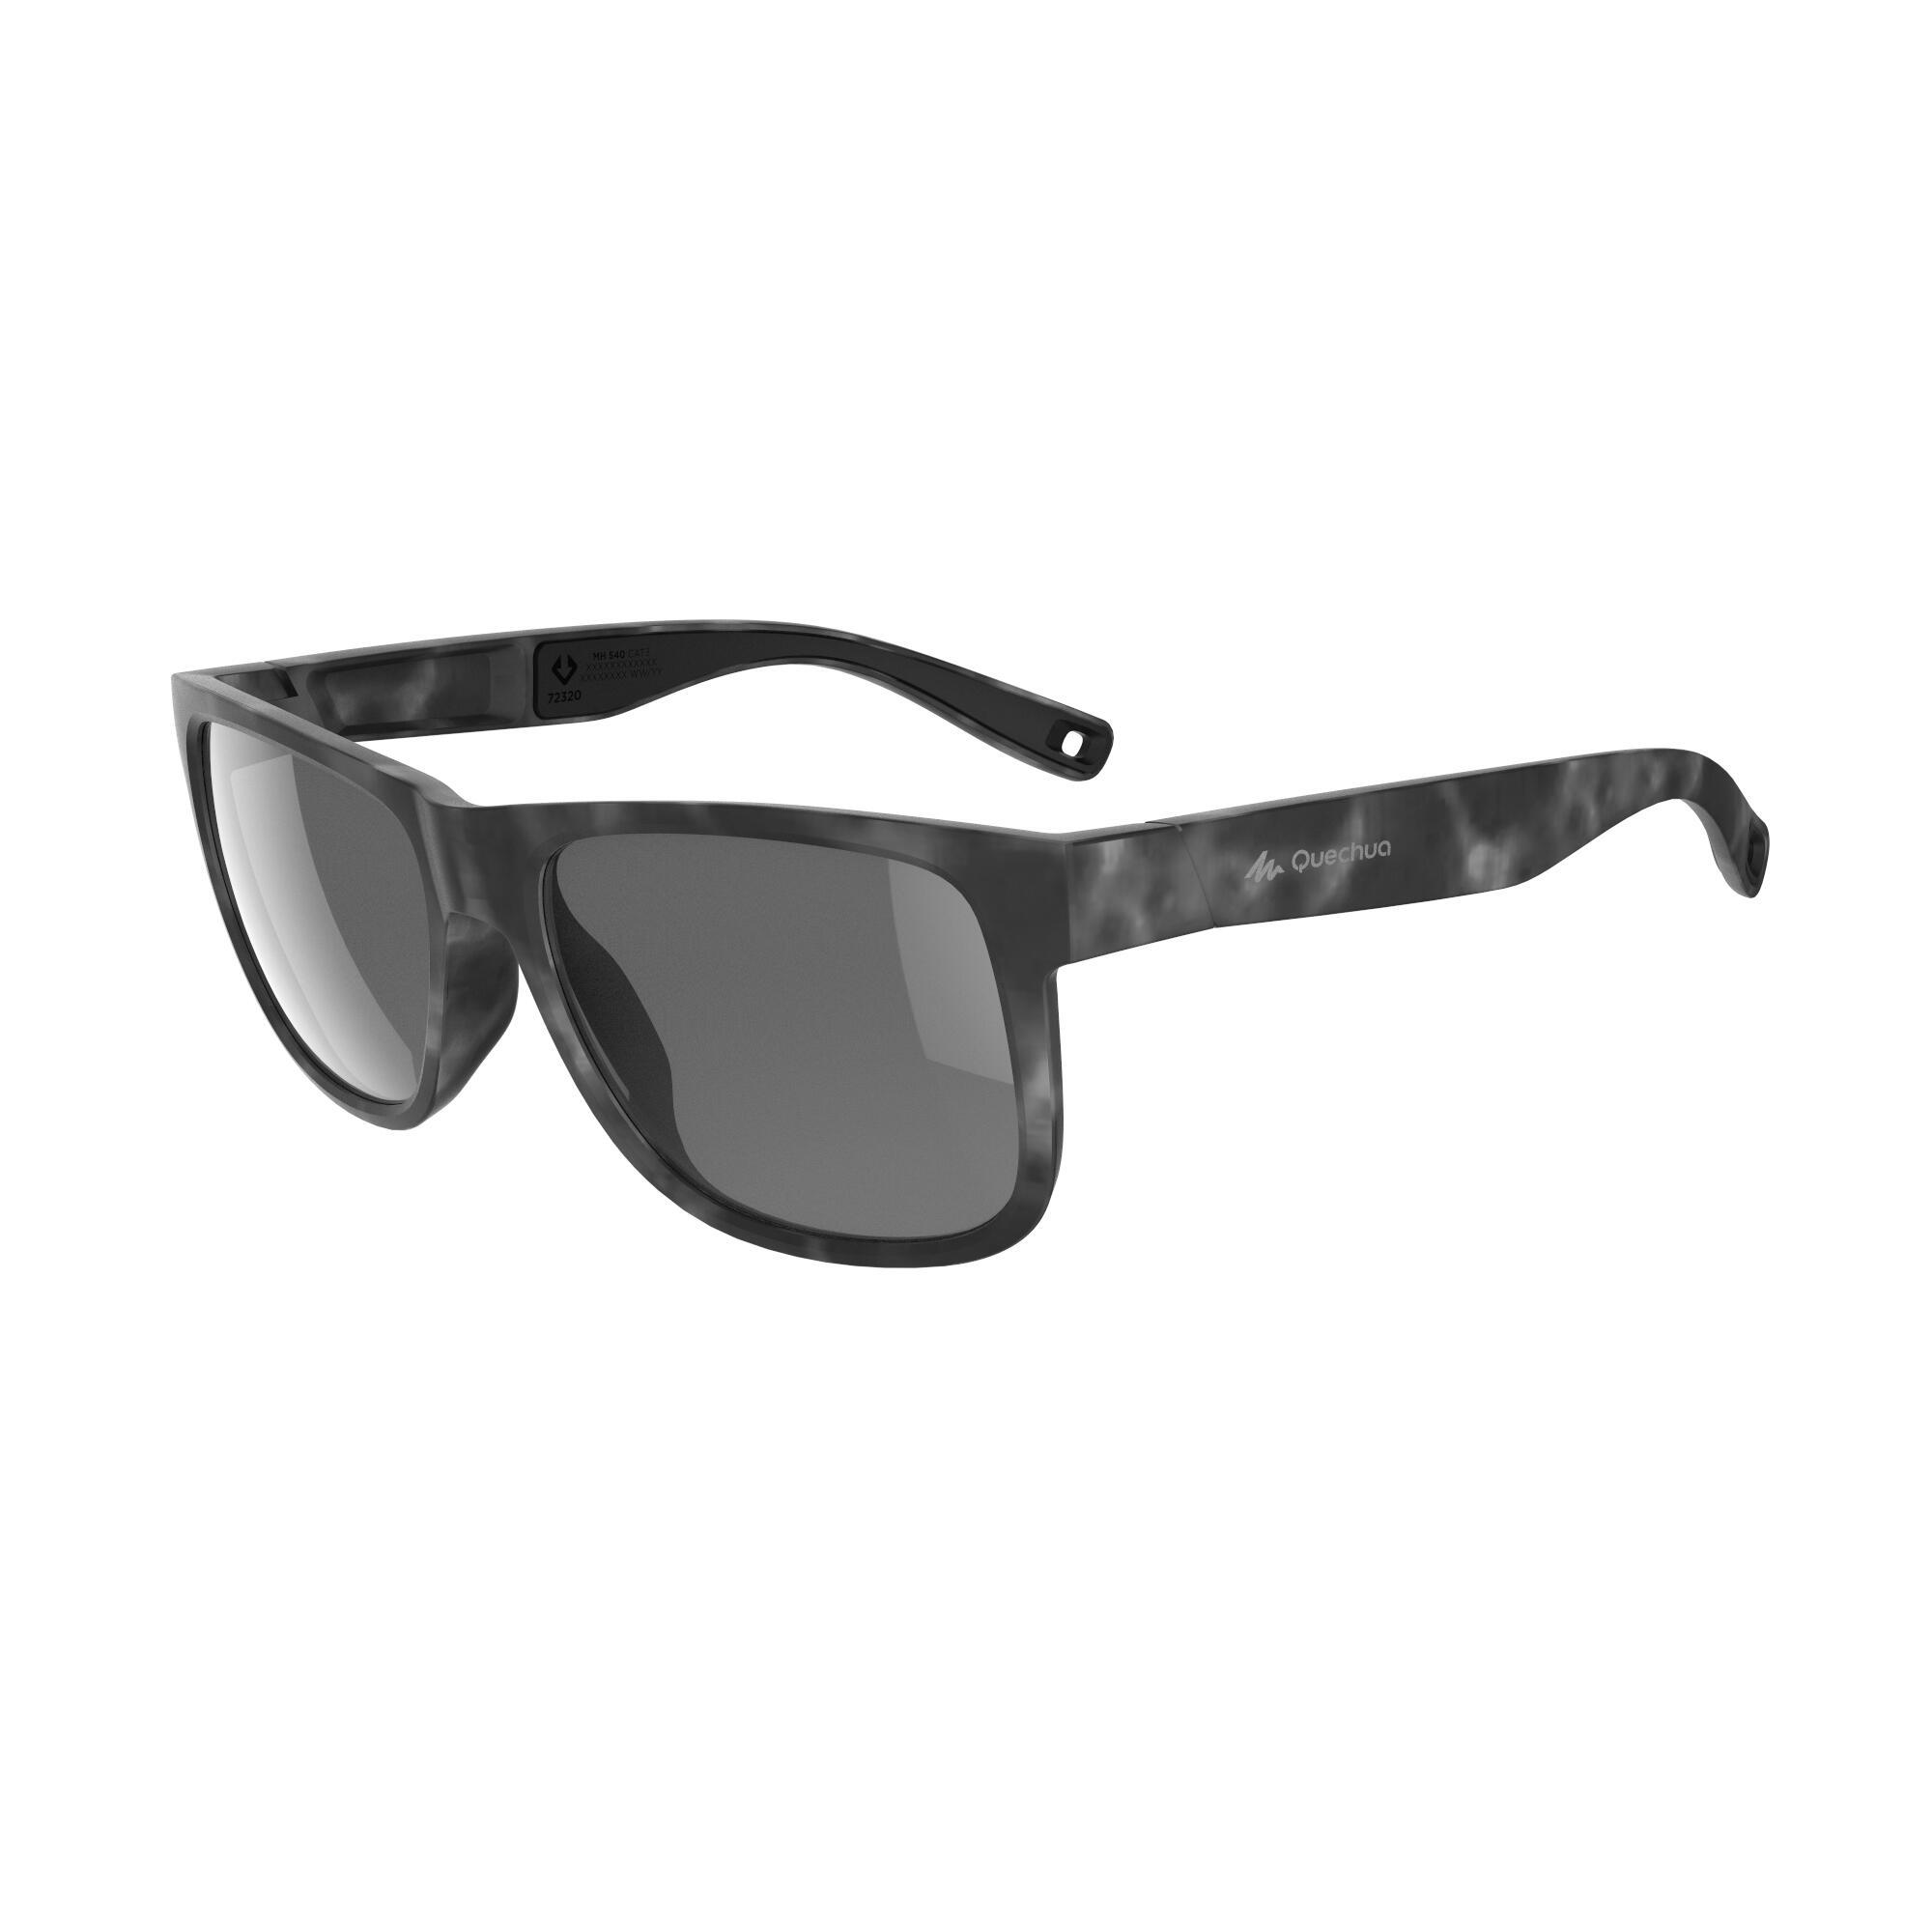 Quechua Wandelzonnebril voor volwassenen MH140 categorie 3 kopen? Sport>Sportbrillen>Zonnebrillen met voordeel vind je hier